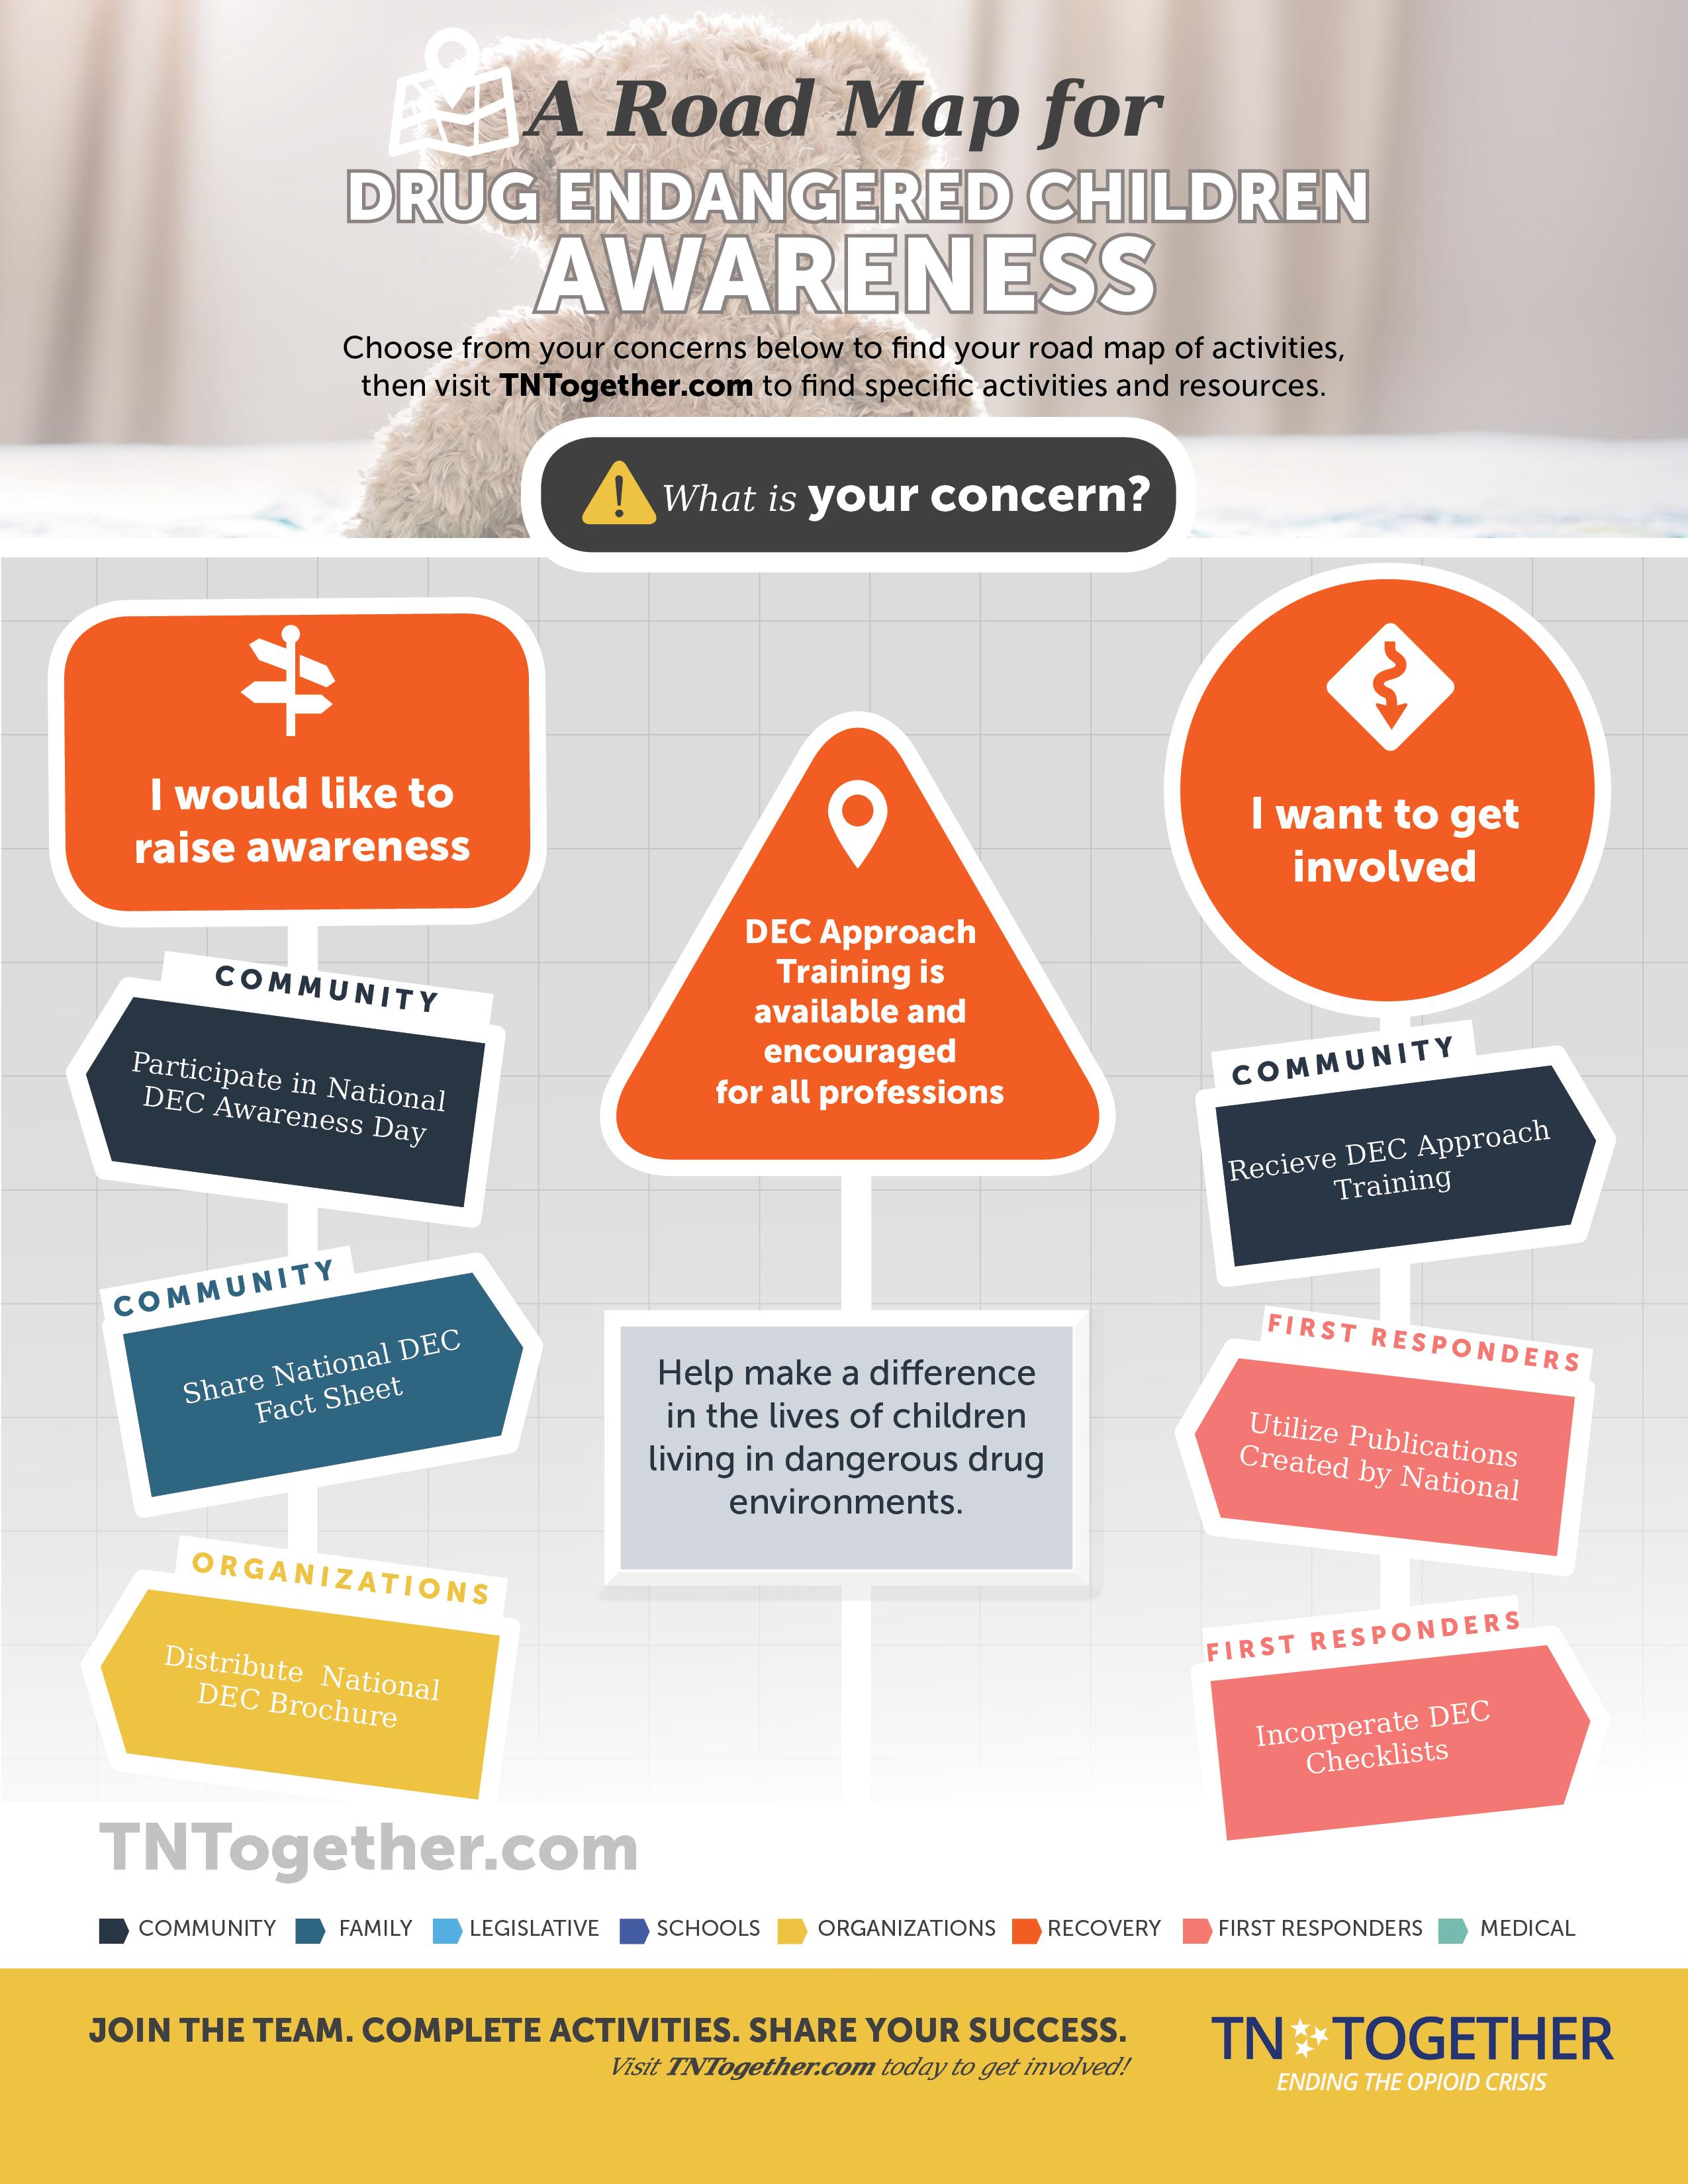 Roadmap for Drug Endangered Child Awareness